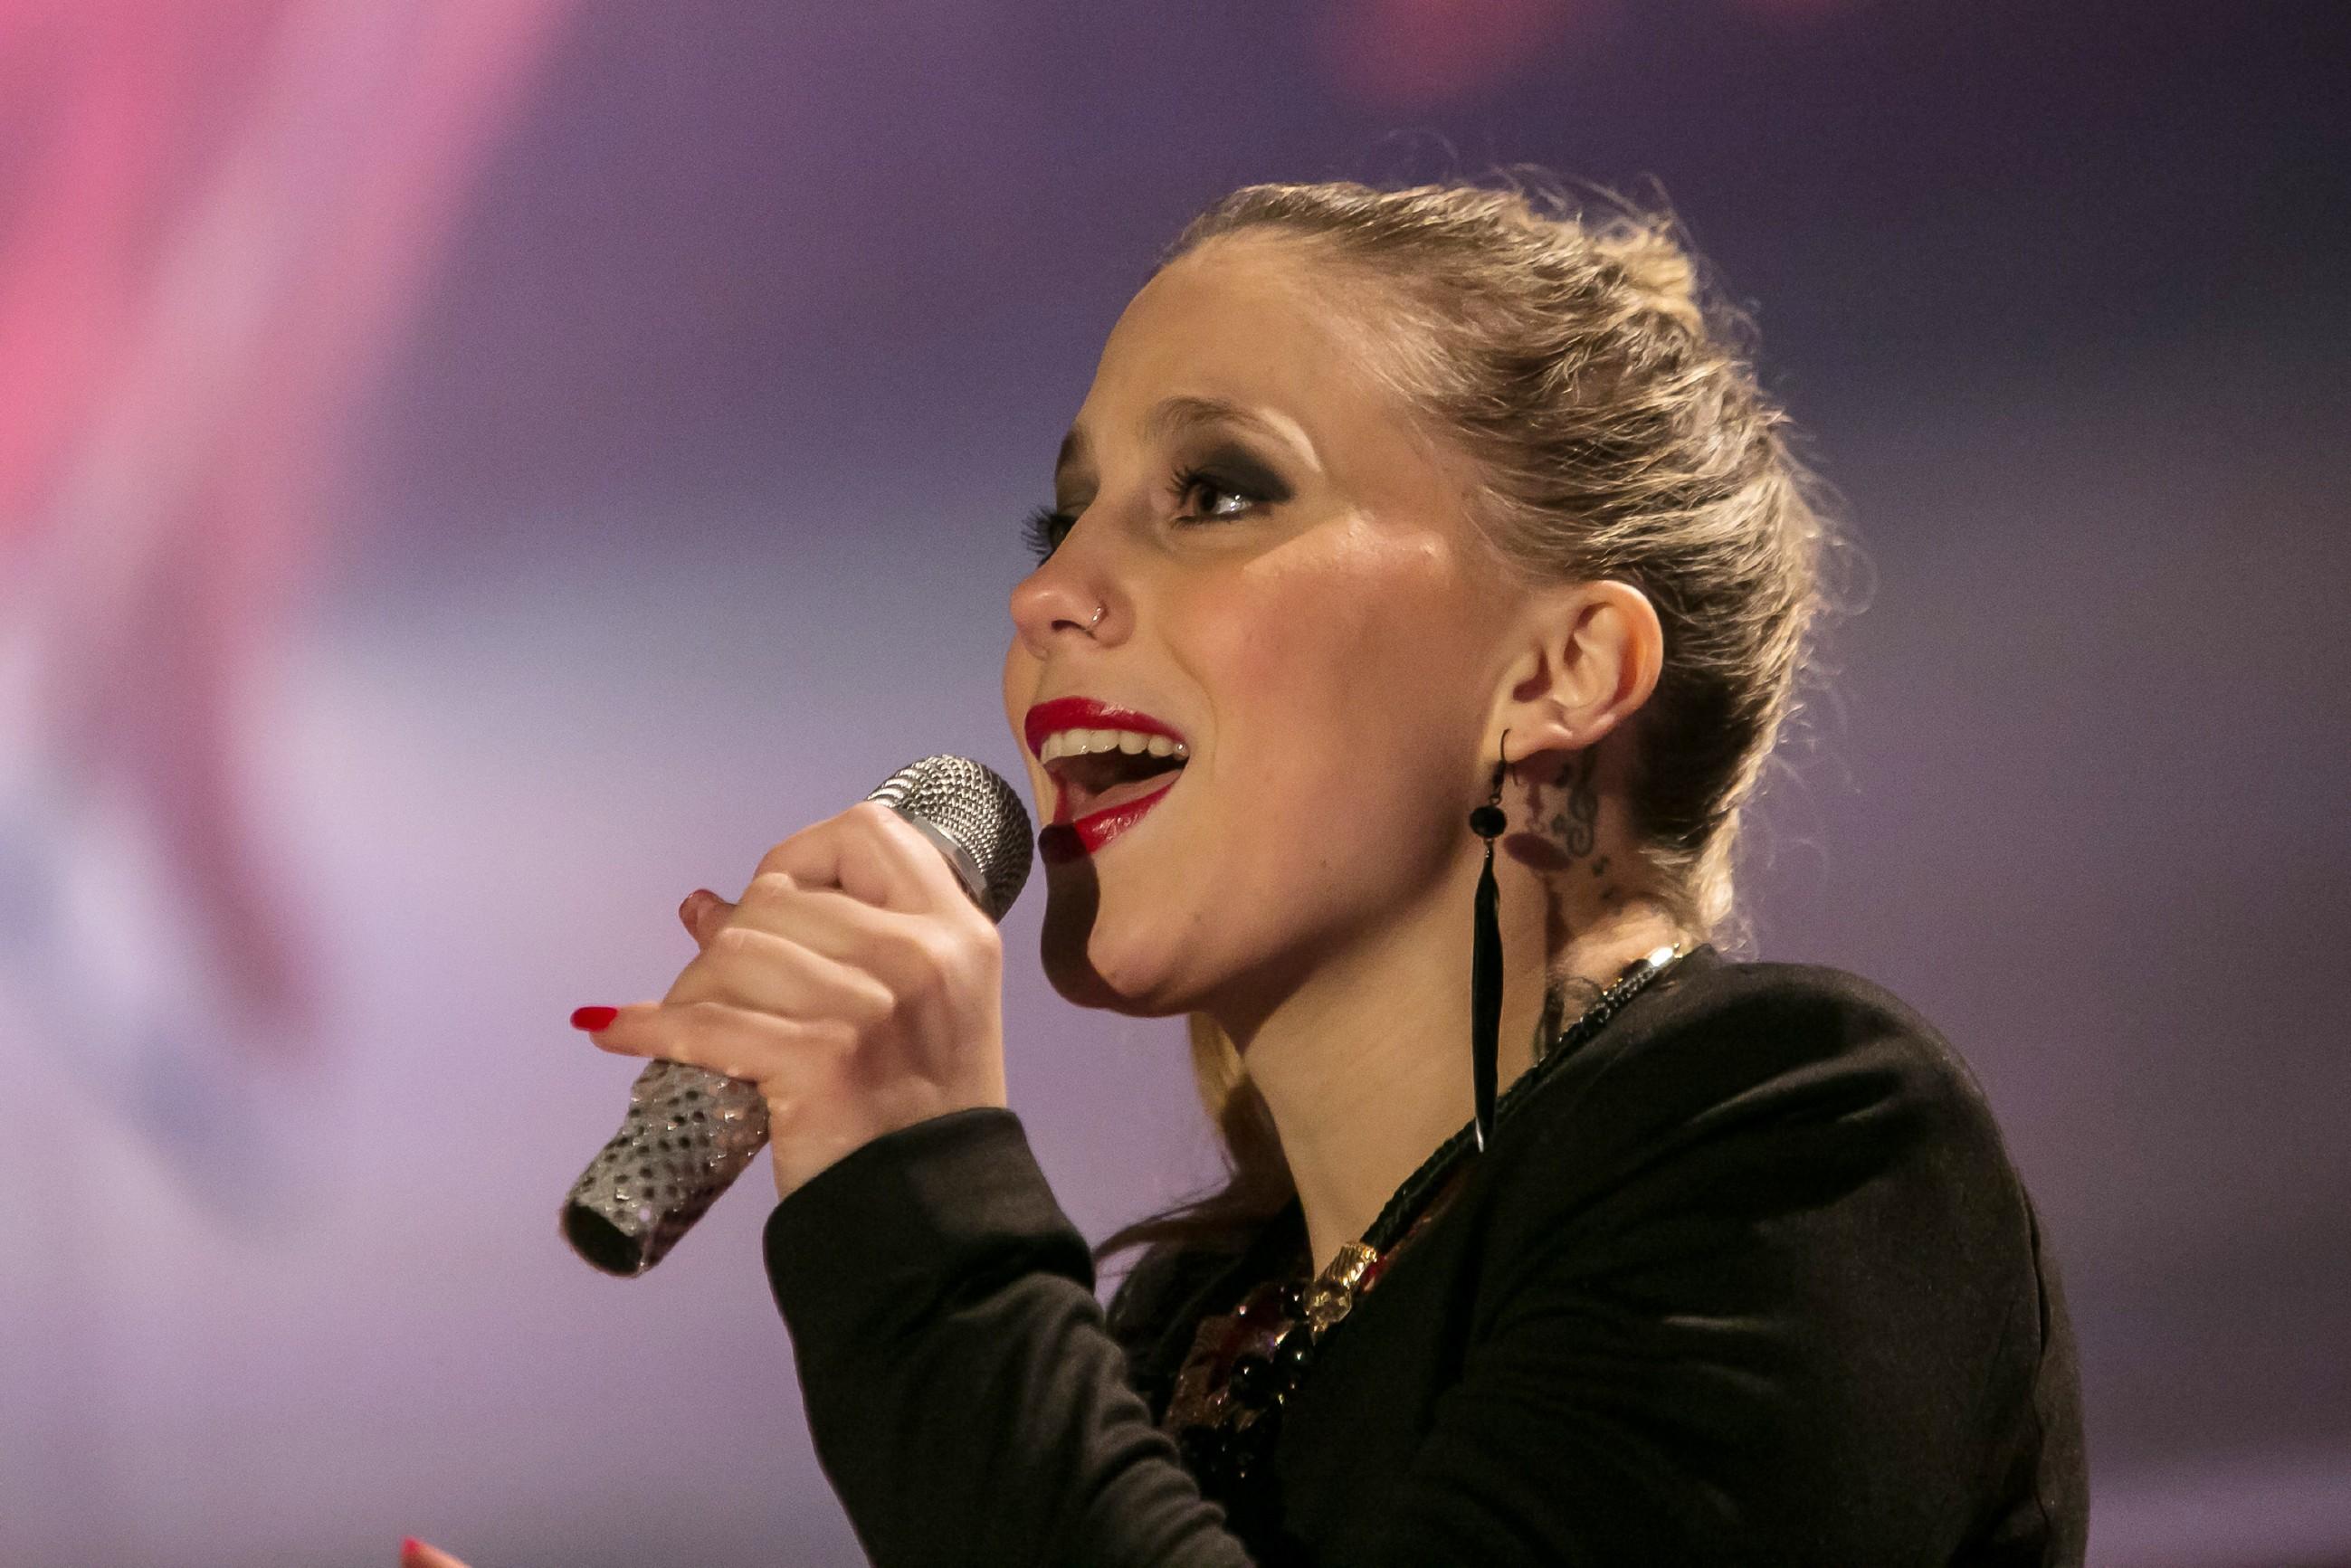 Als Highlight der Eröffnungs-Gala begleitet Iva (Christina Klein) musikalisch Maries atemberaubenden Showlauf. (Quelle: RTL / Kai Schulz)